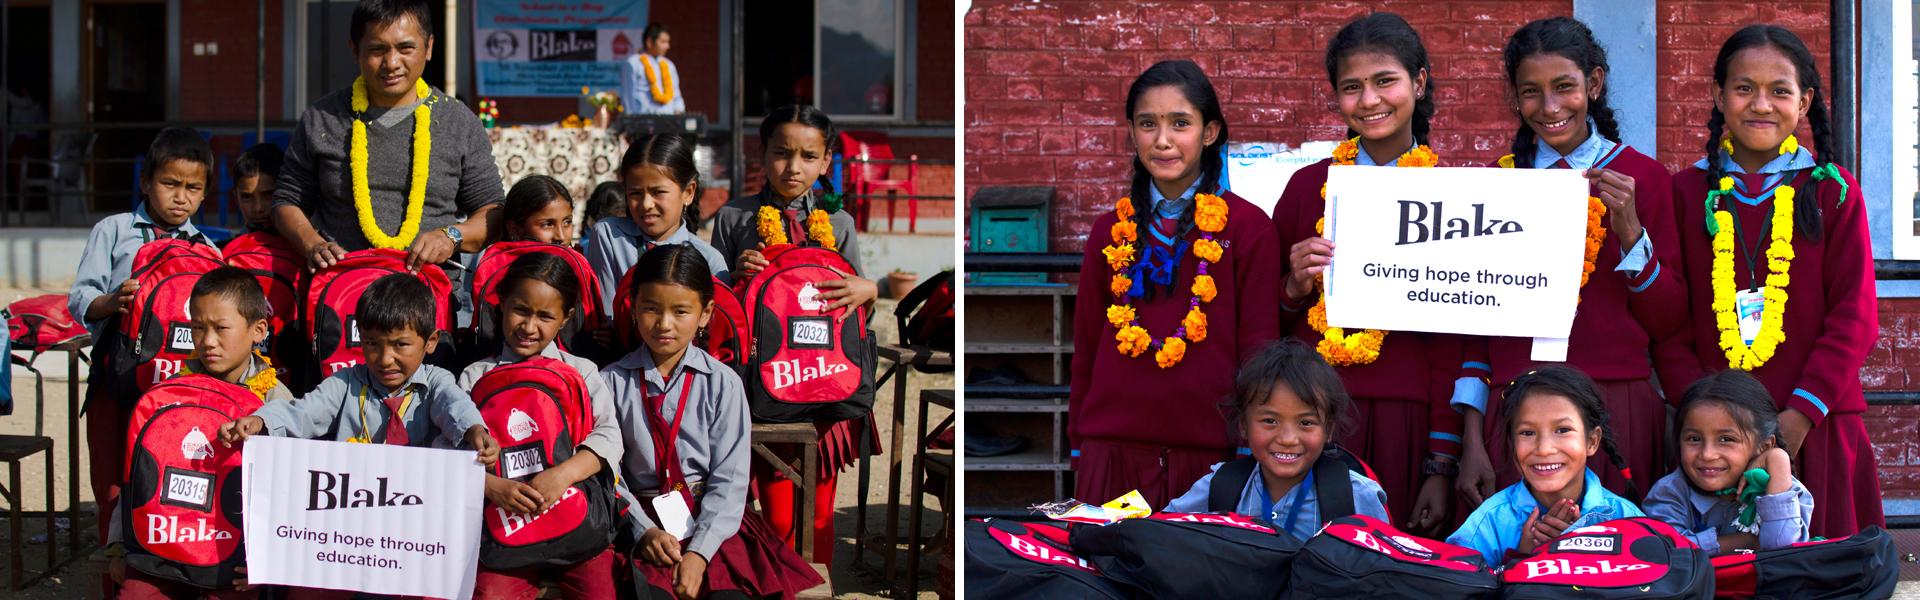 Nepal School Gallery 4